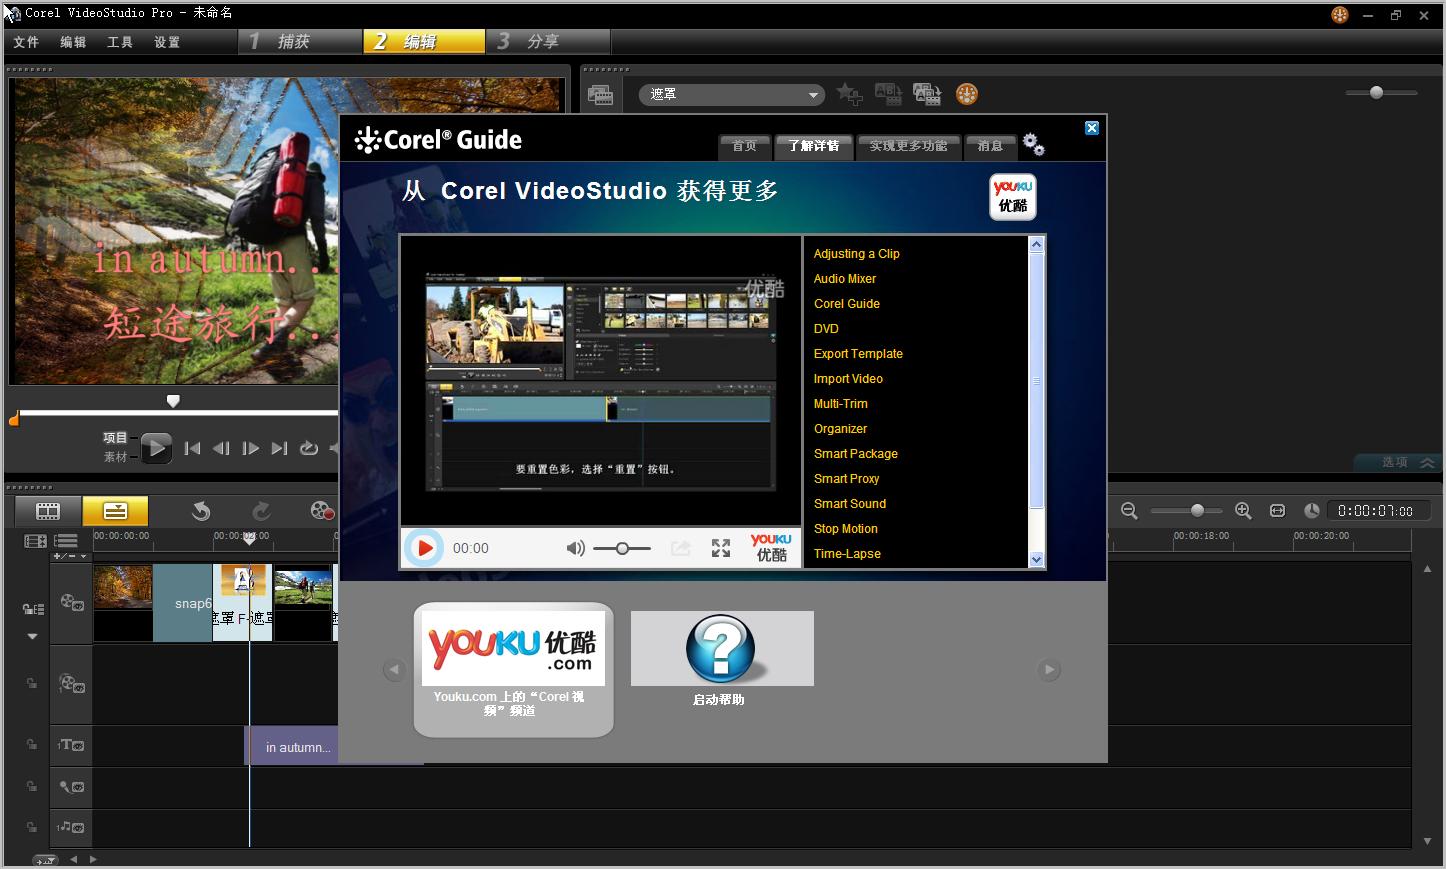 新时代什么视频编辑软件口碑不错呢